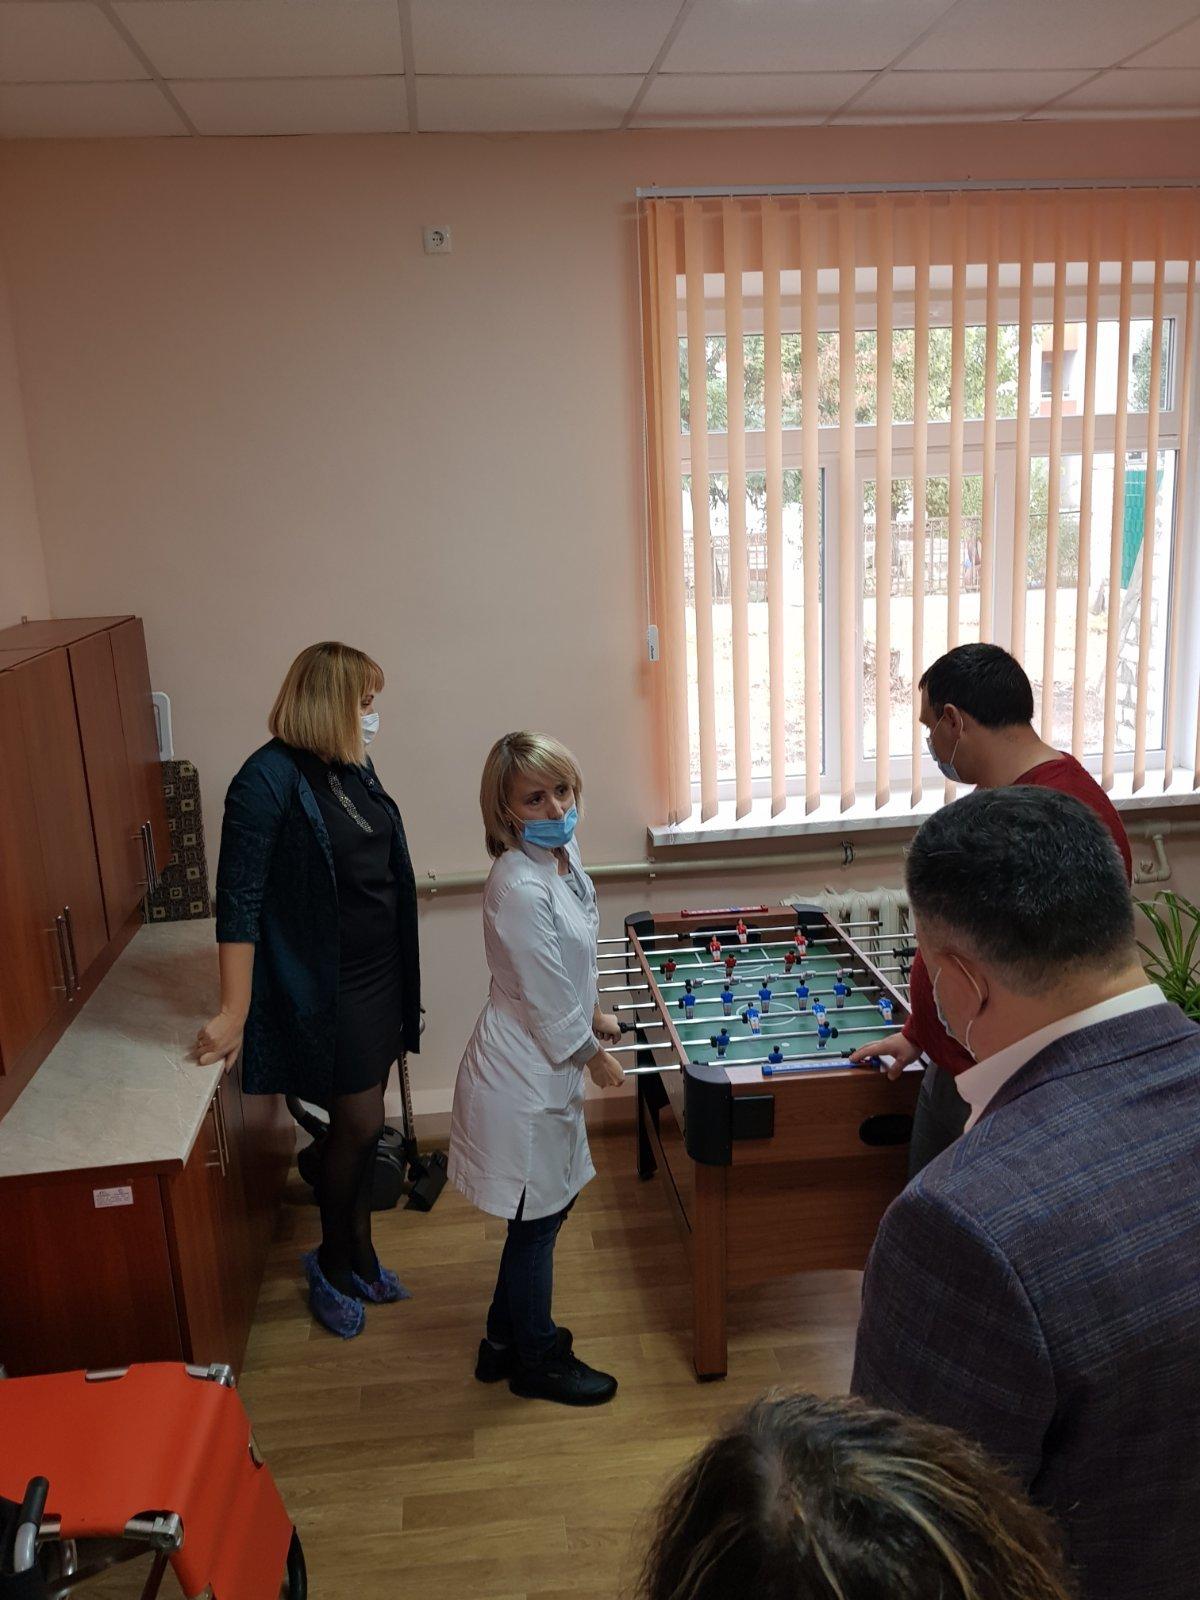 Бердянский центр реабилитации передает опыт коллегам из Энергодара, фото-4